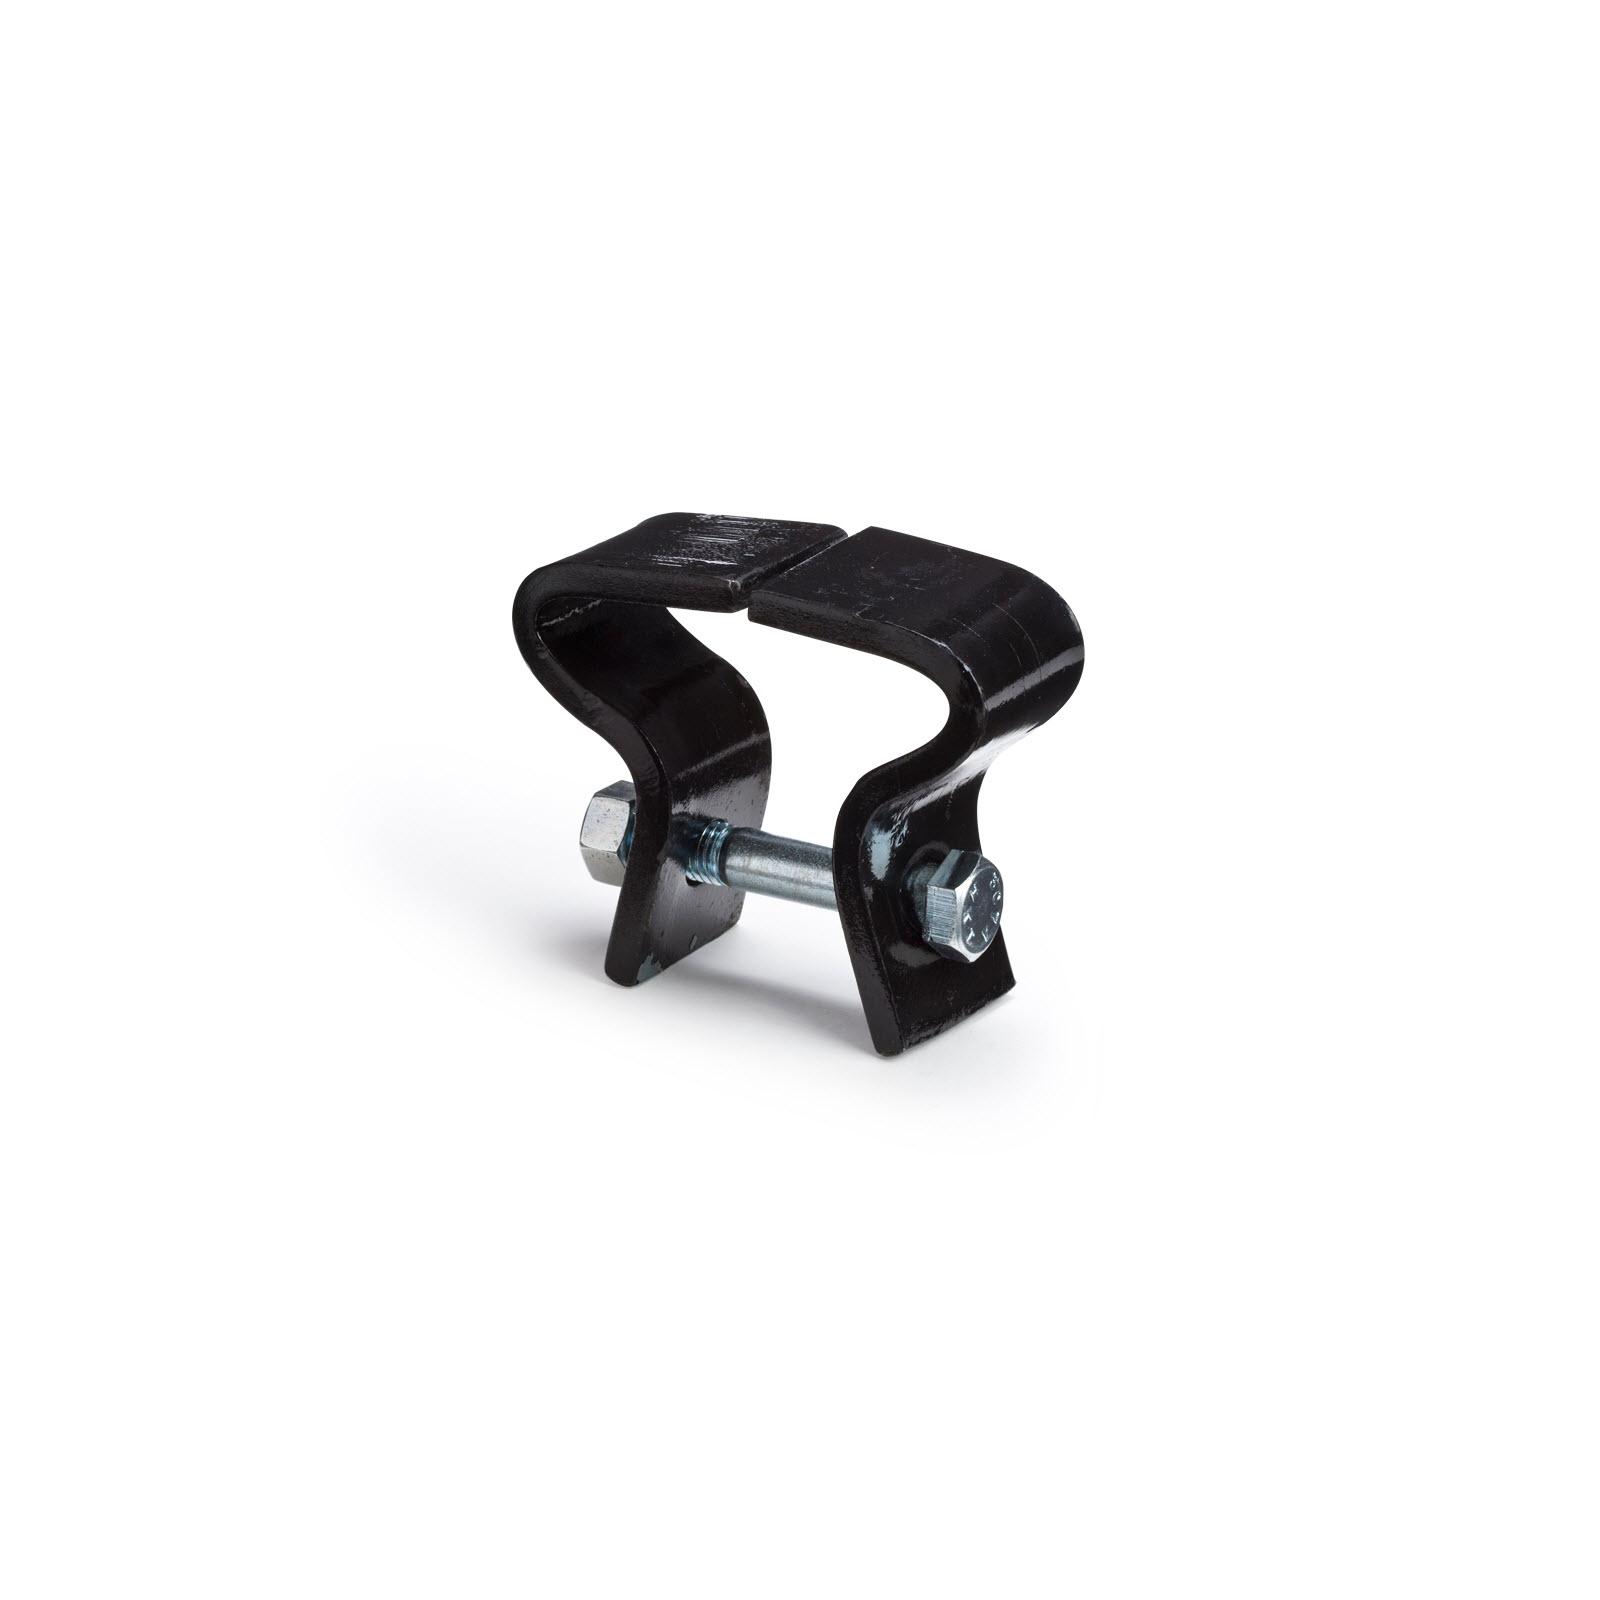 Everlast® 60 lb Heavy Bag Kit - Black